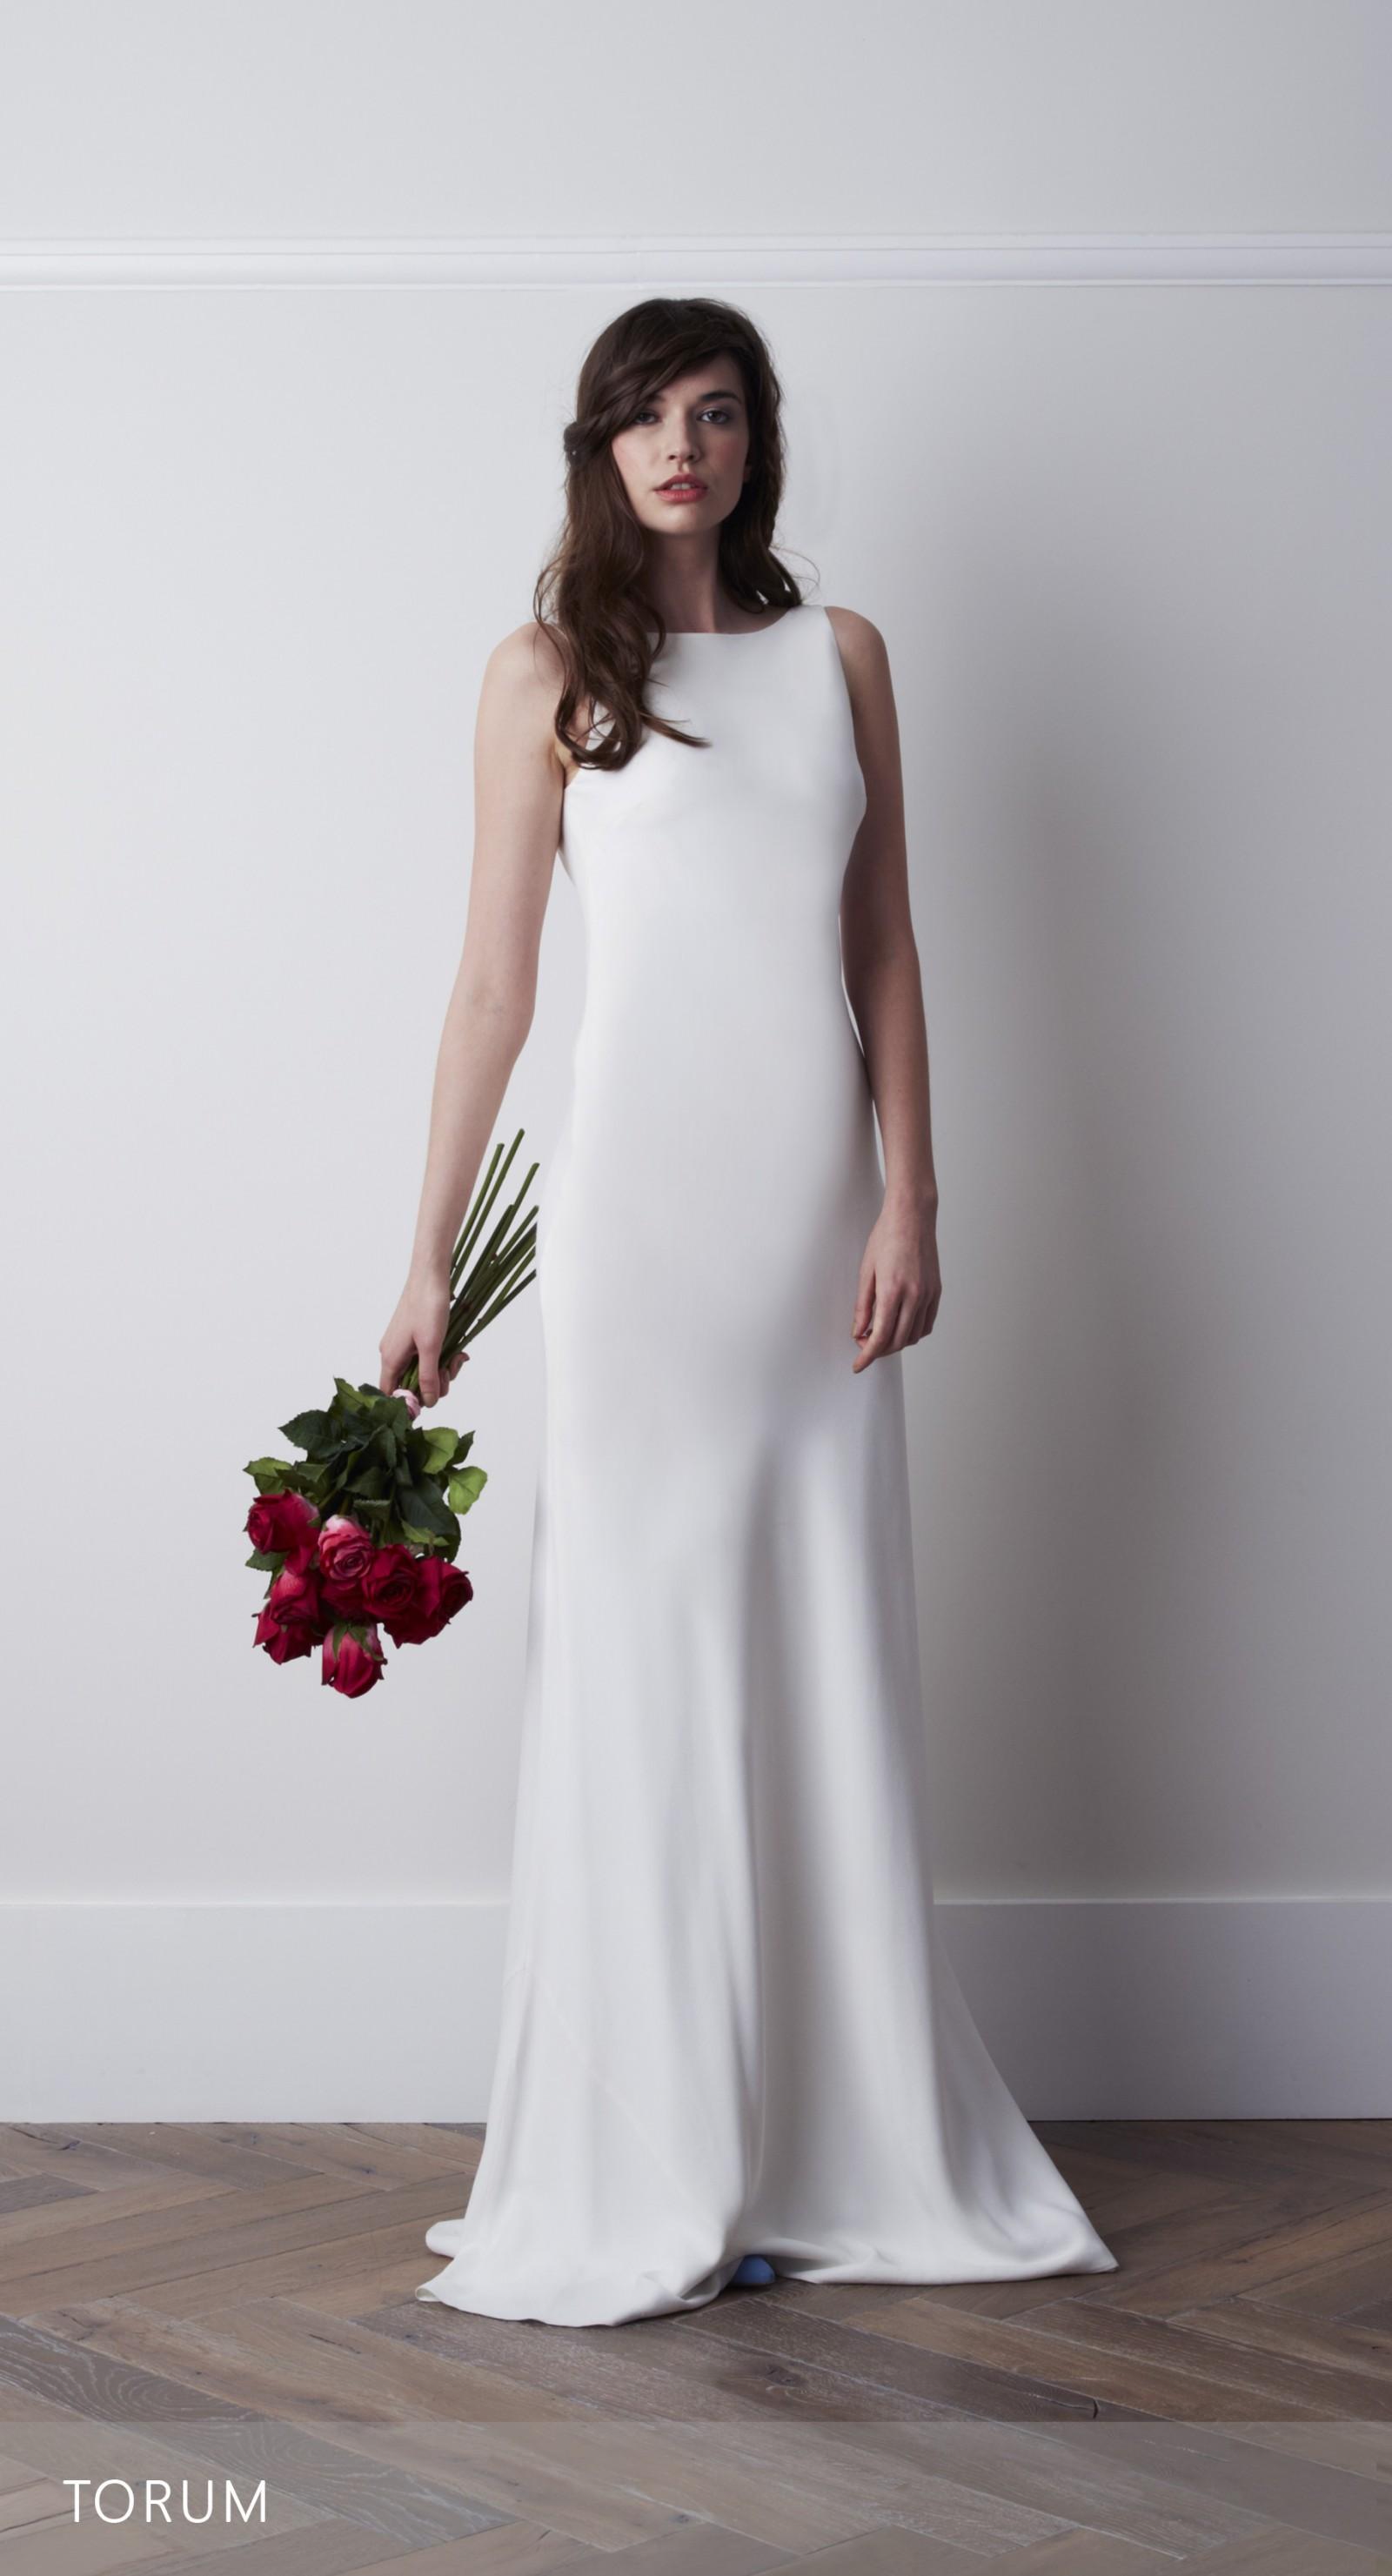 charlie brear wedding dress